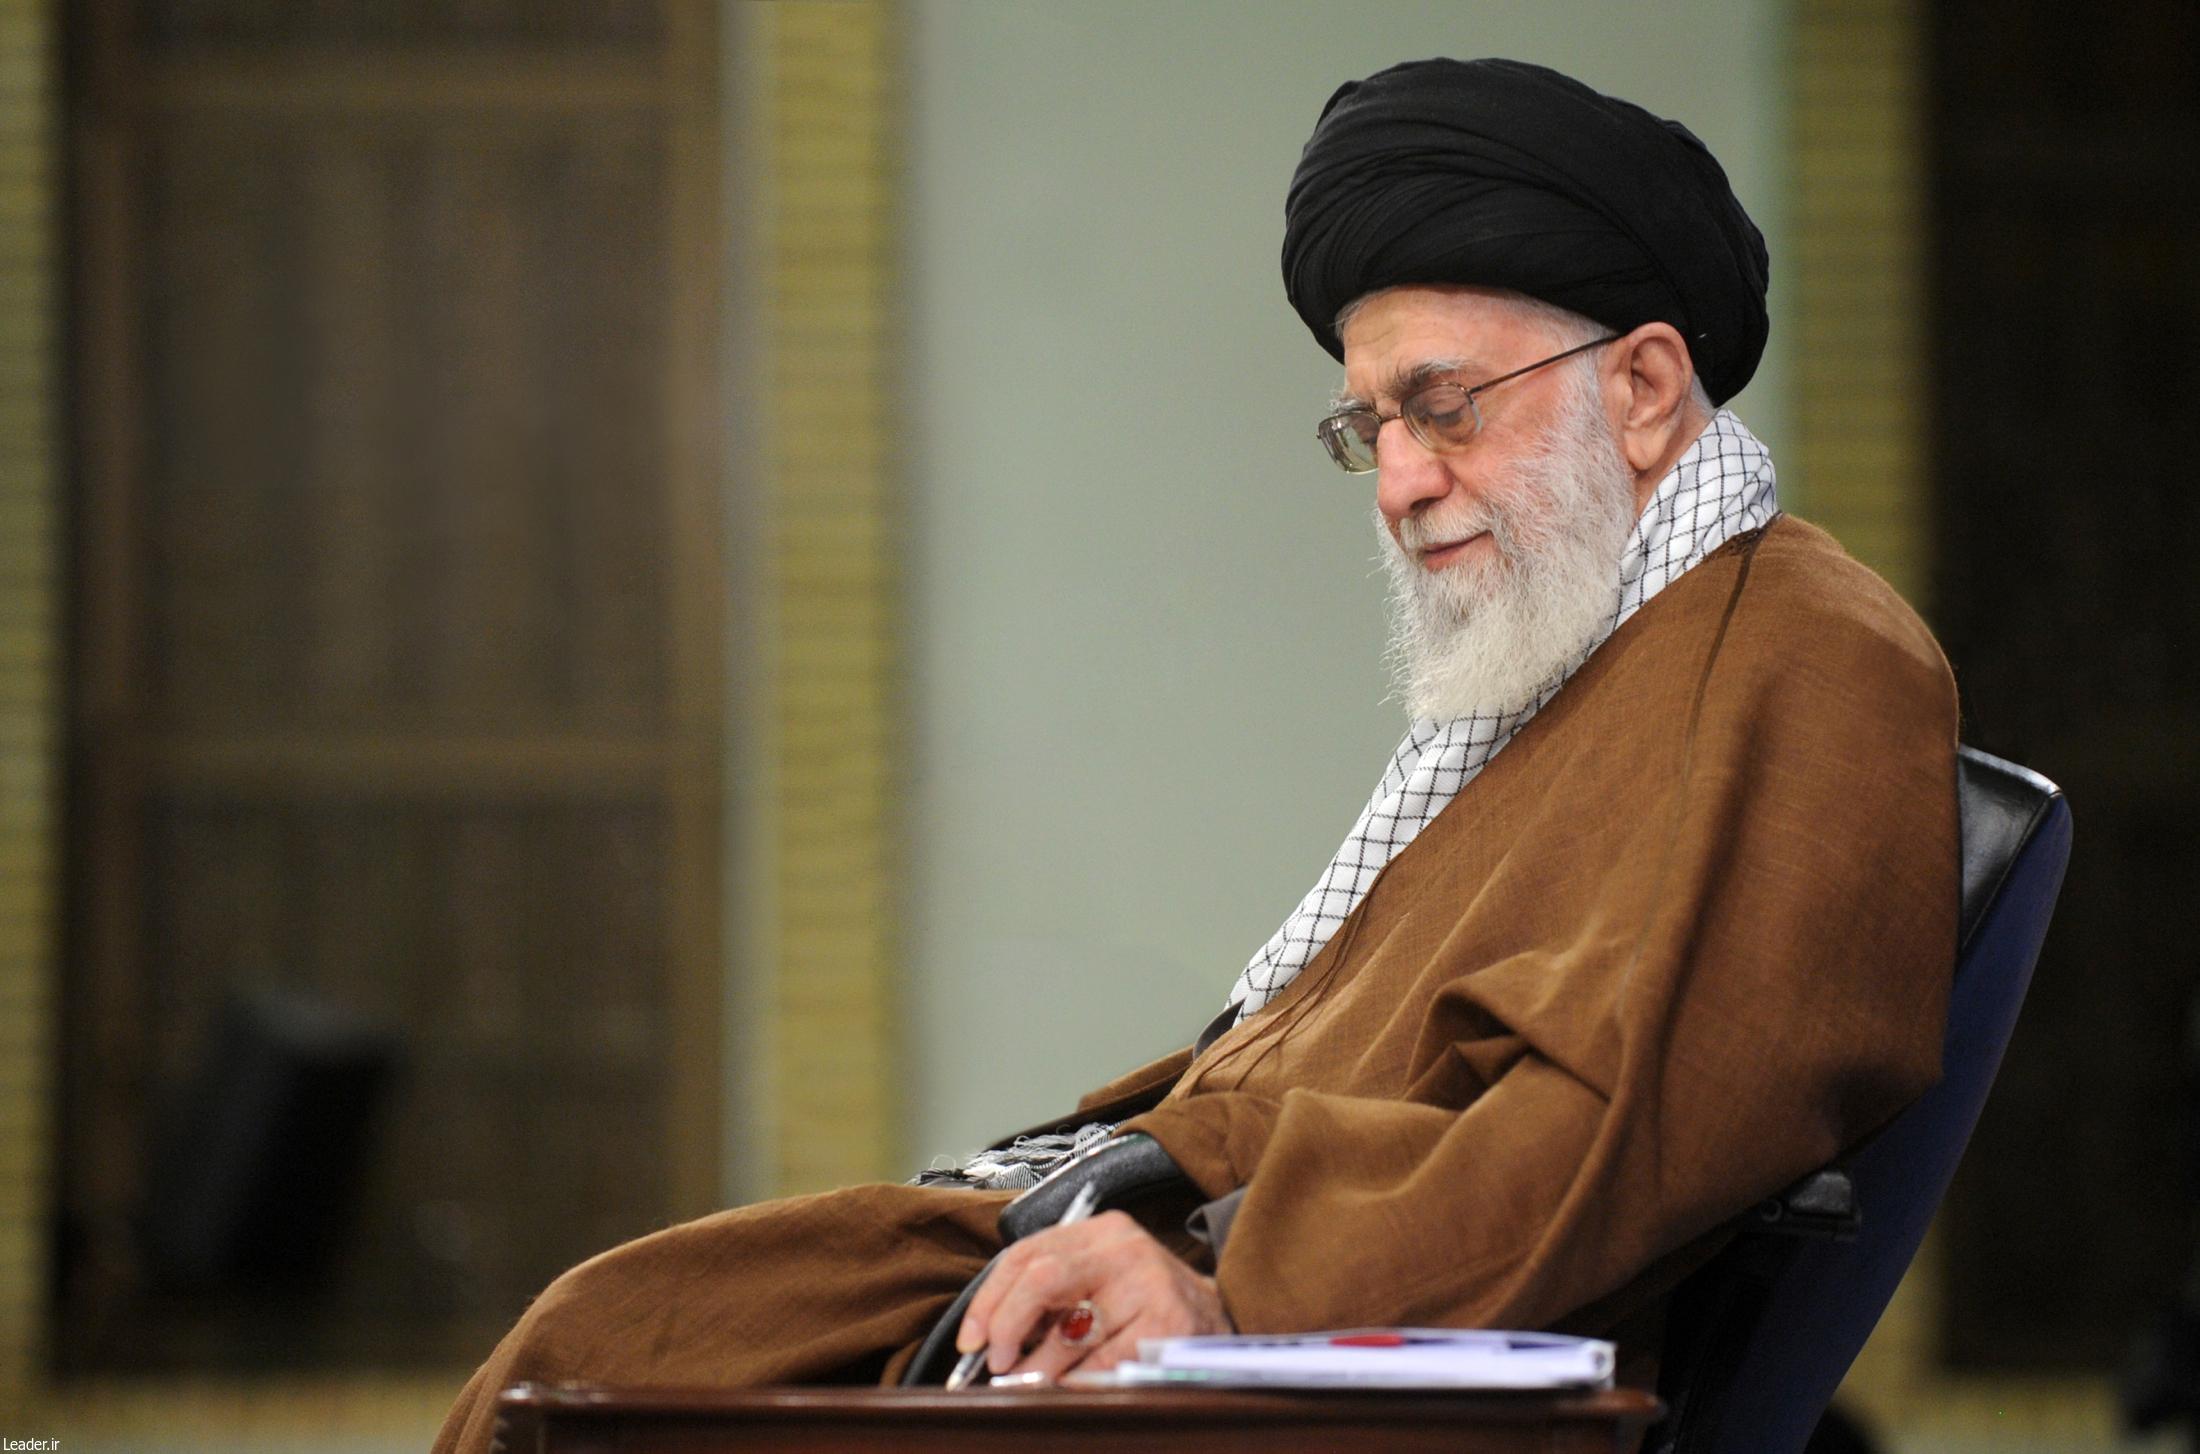 انتصاب رئیس جدید مؤسسه دائرةالمعارف فقه اسلامی